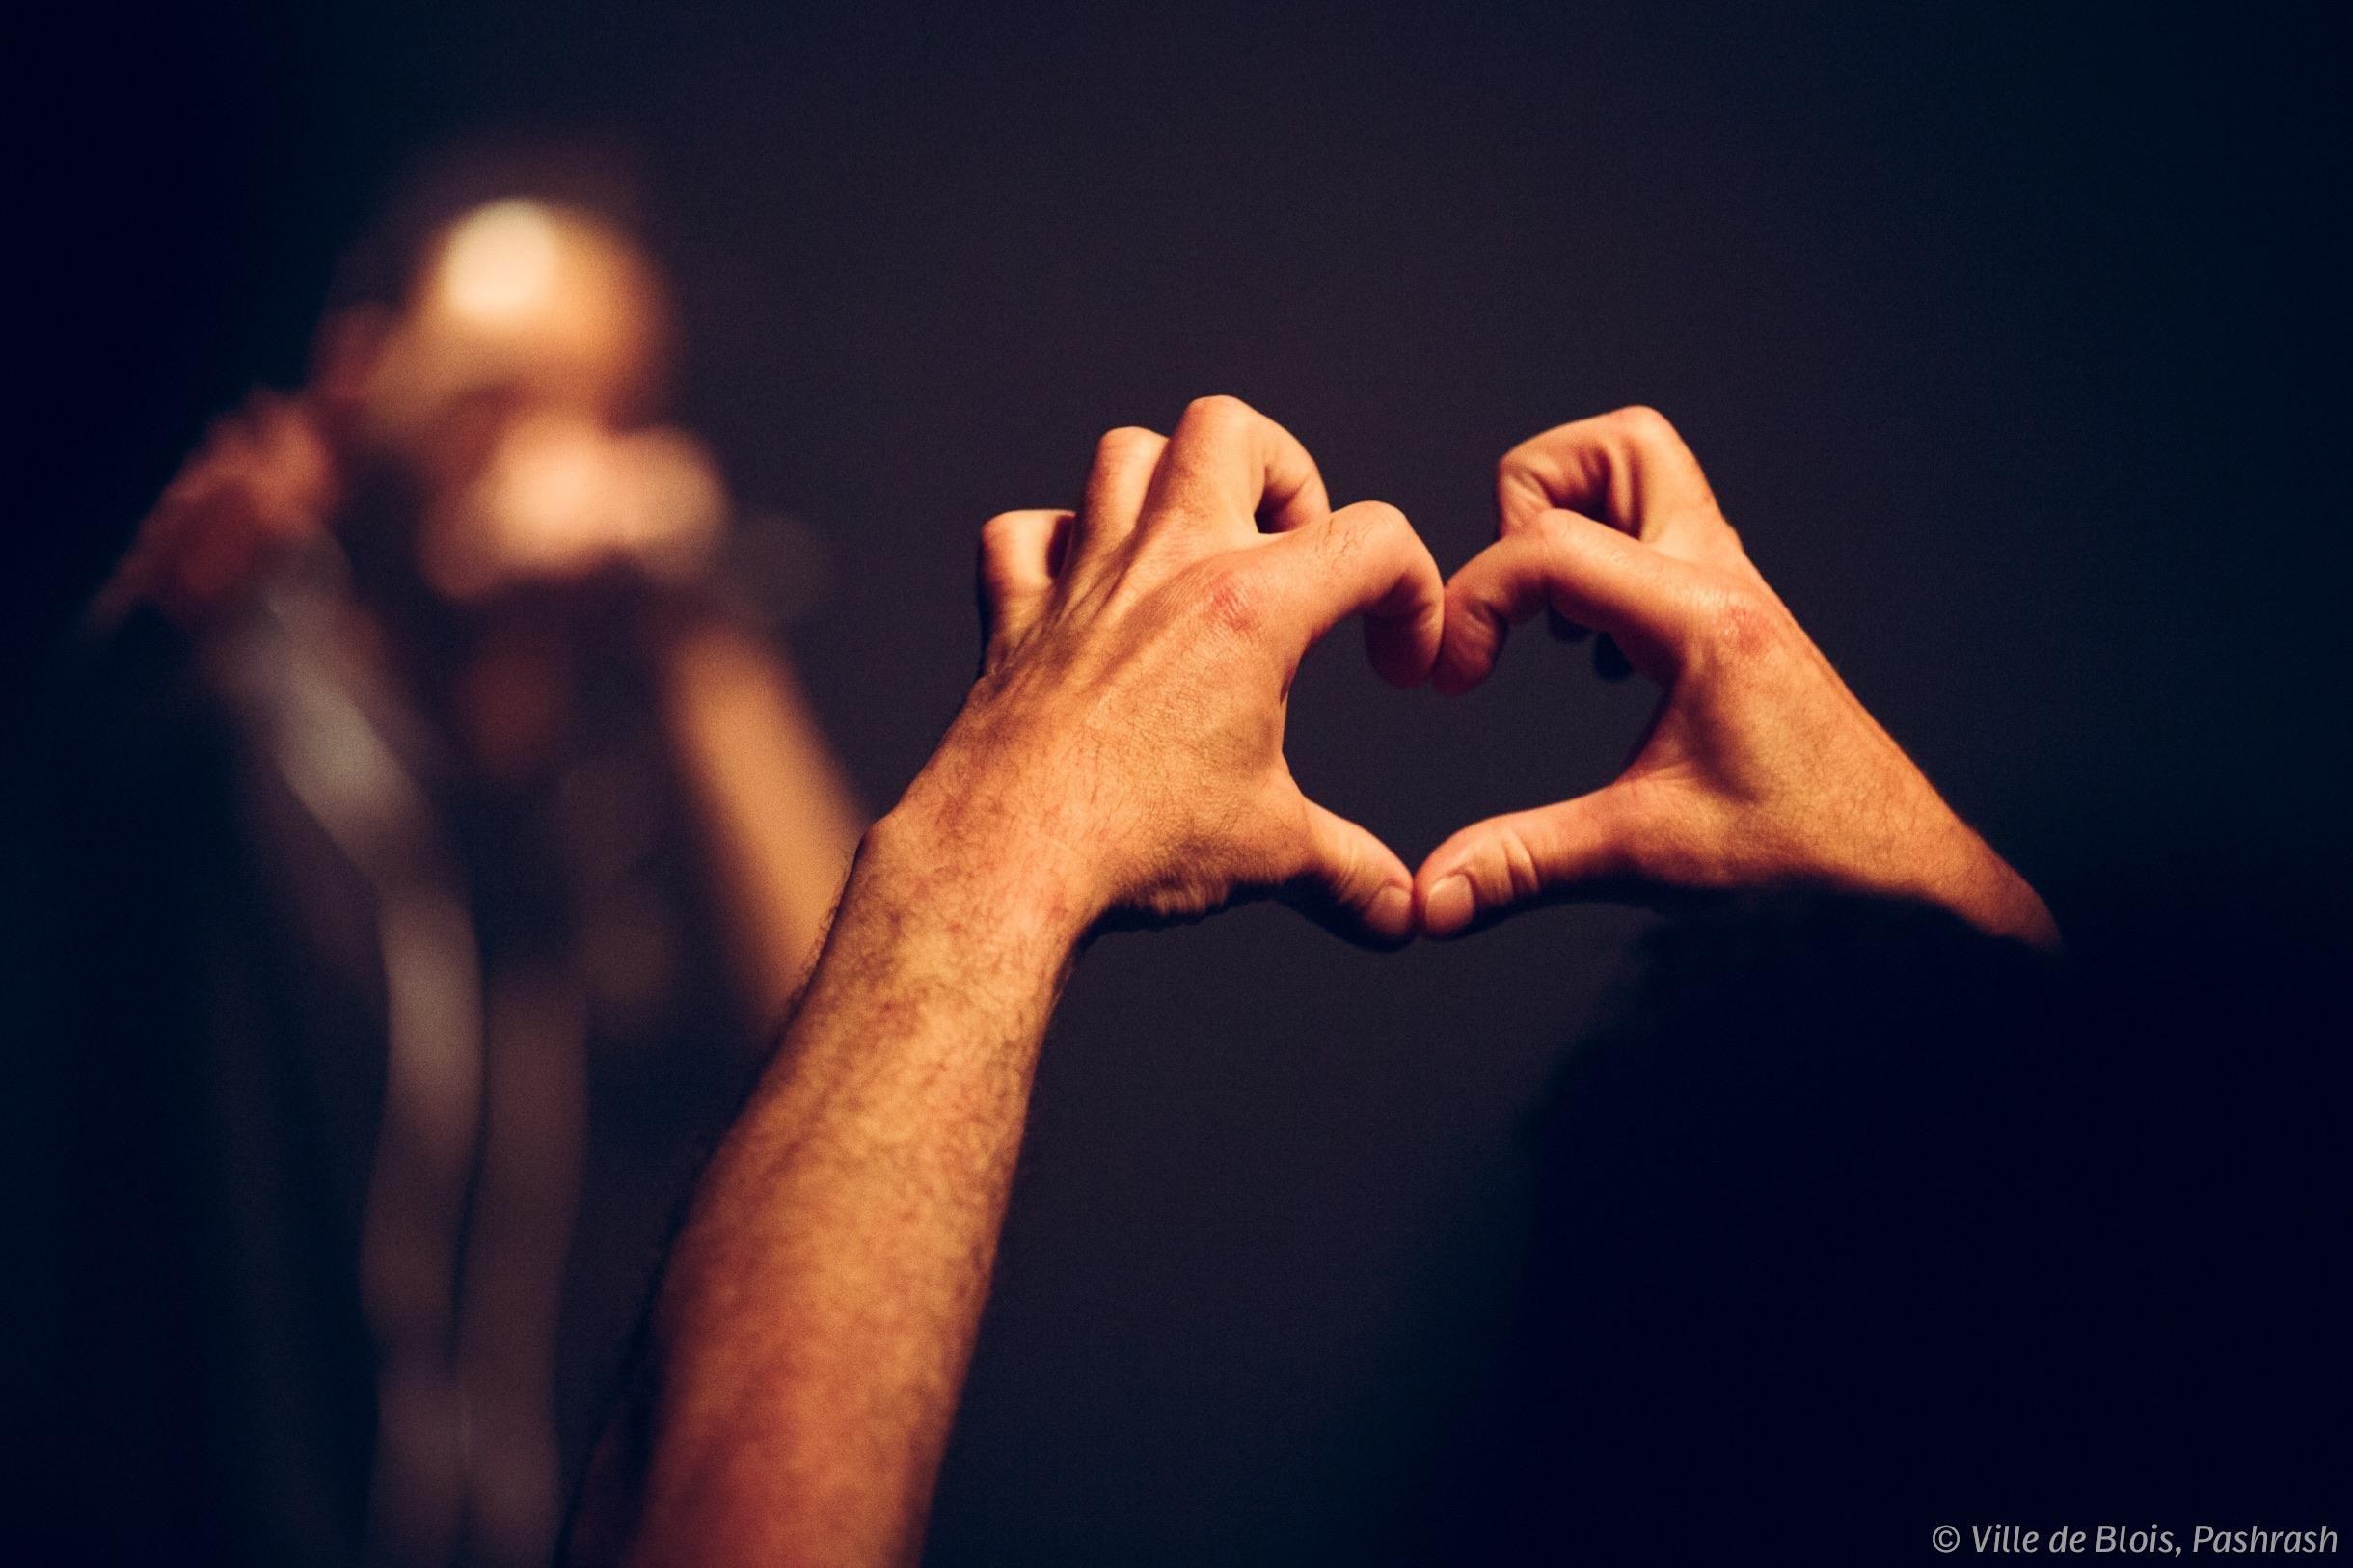 Une personne assistant à un concert forme un cœur avec ses doigts.